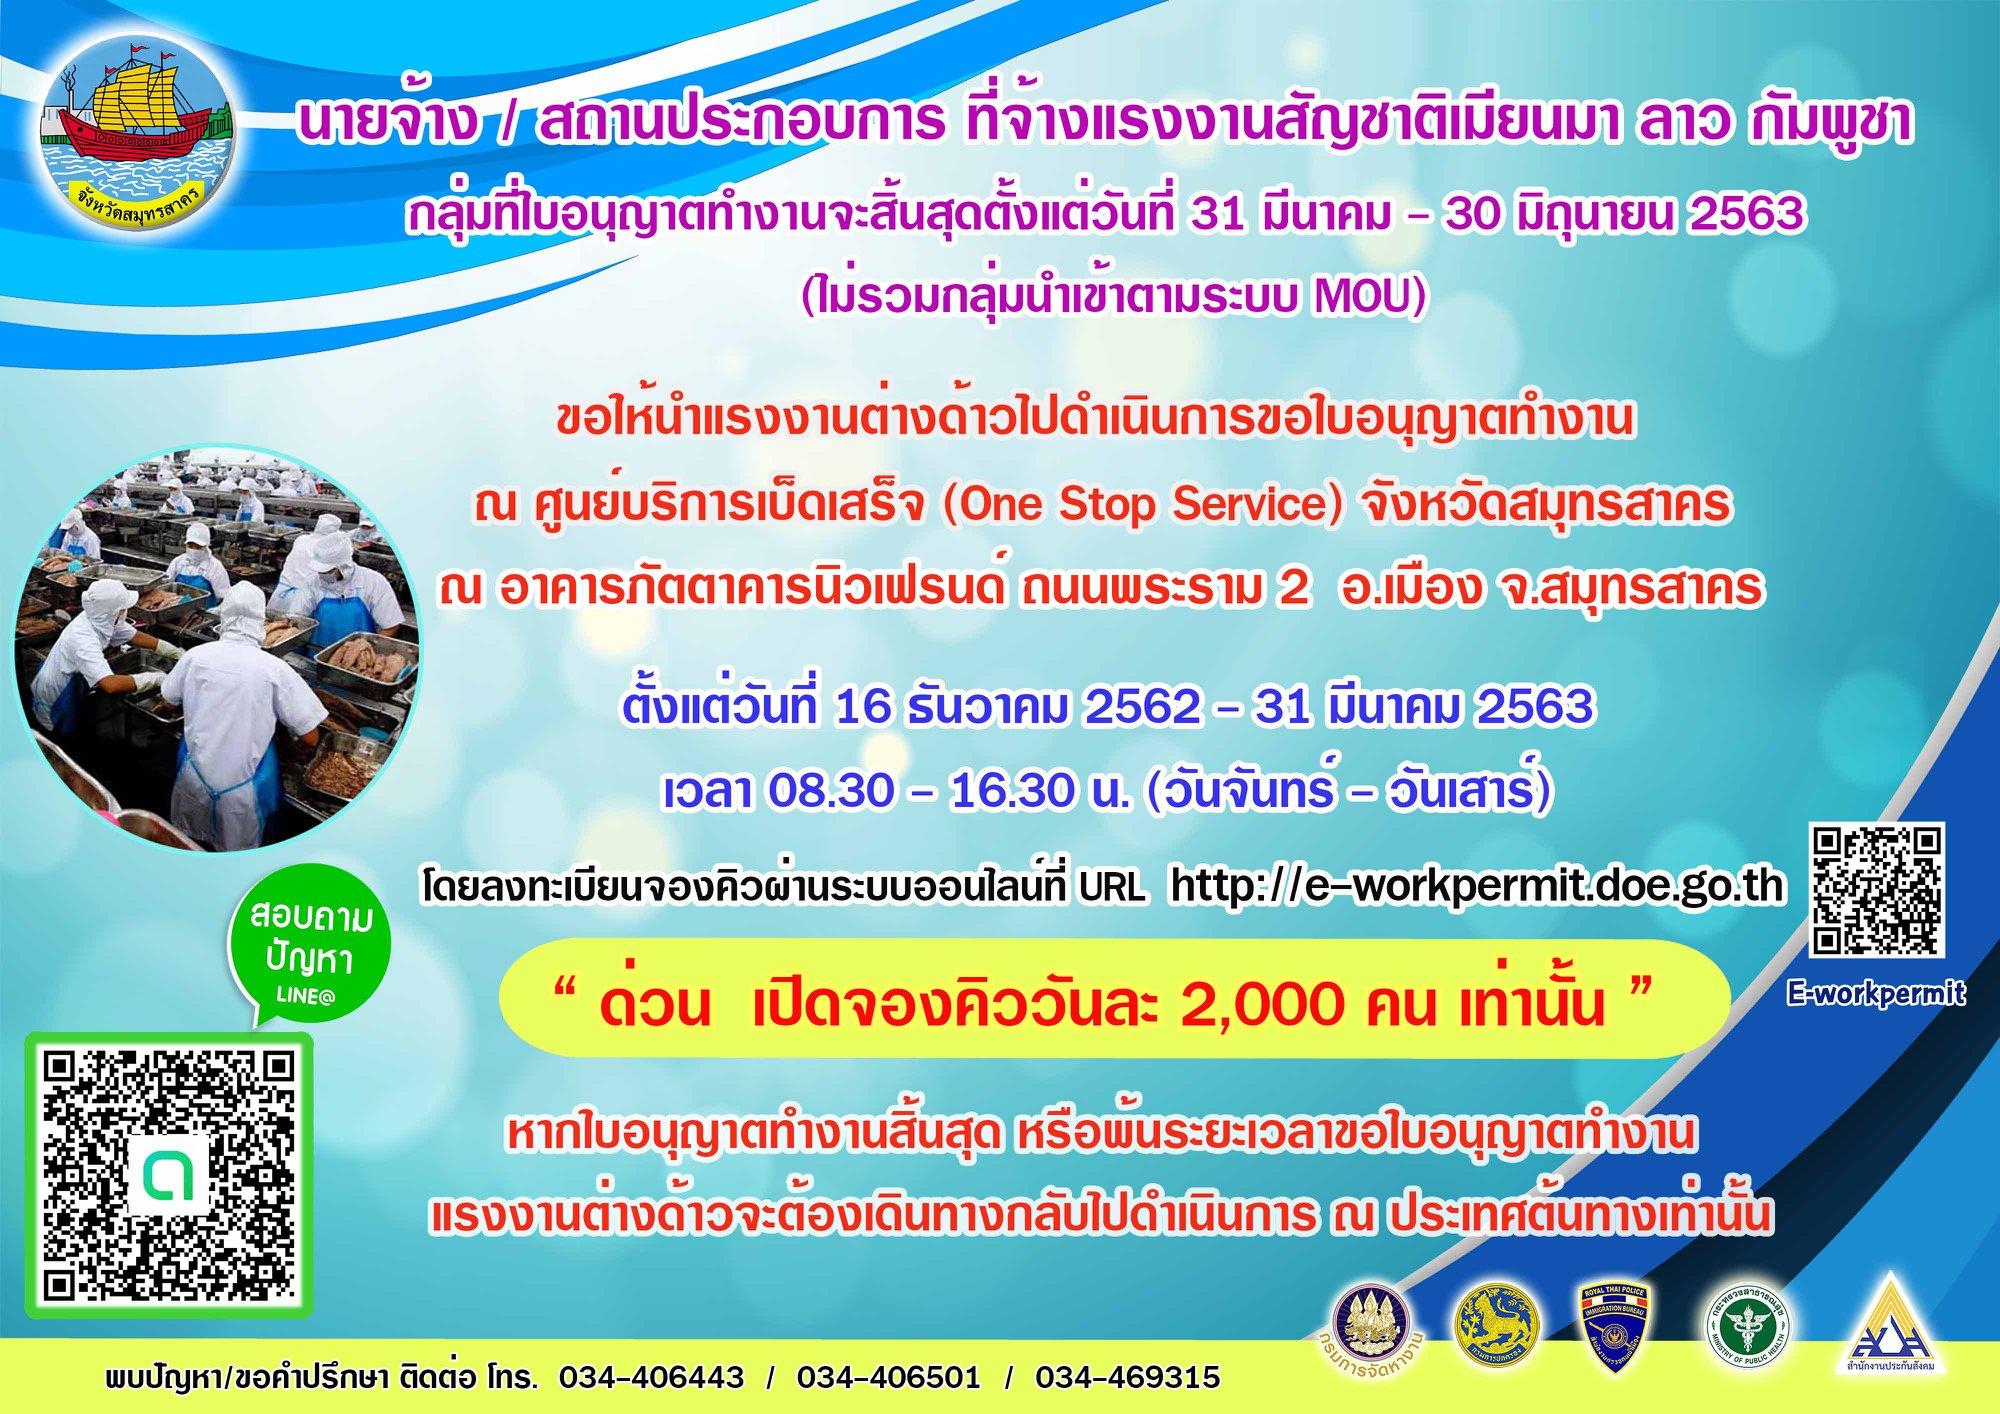 การขออนุญาตทำงานของแรงงานสัญชาติเมียนมา ลาว กัมพูชา ณ ศูนย์บริการเบ็ดเสร็จ (One Stop Service) จังหวัดสมุทรสาคร